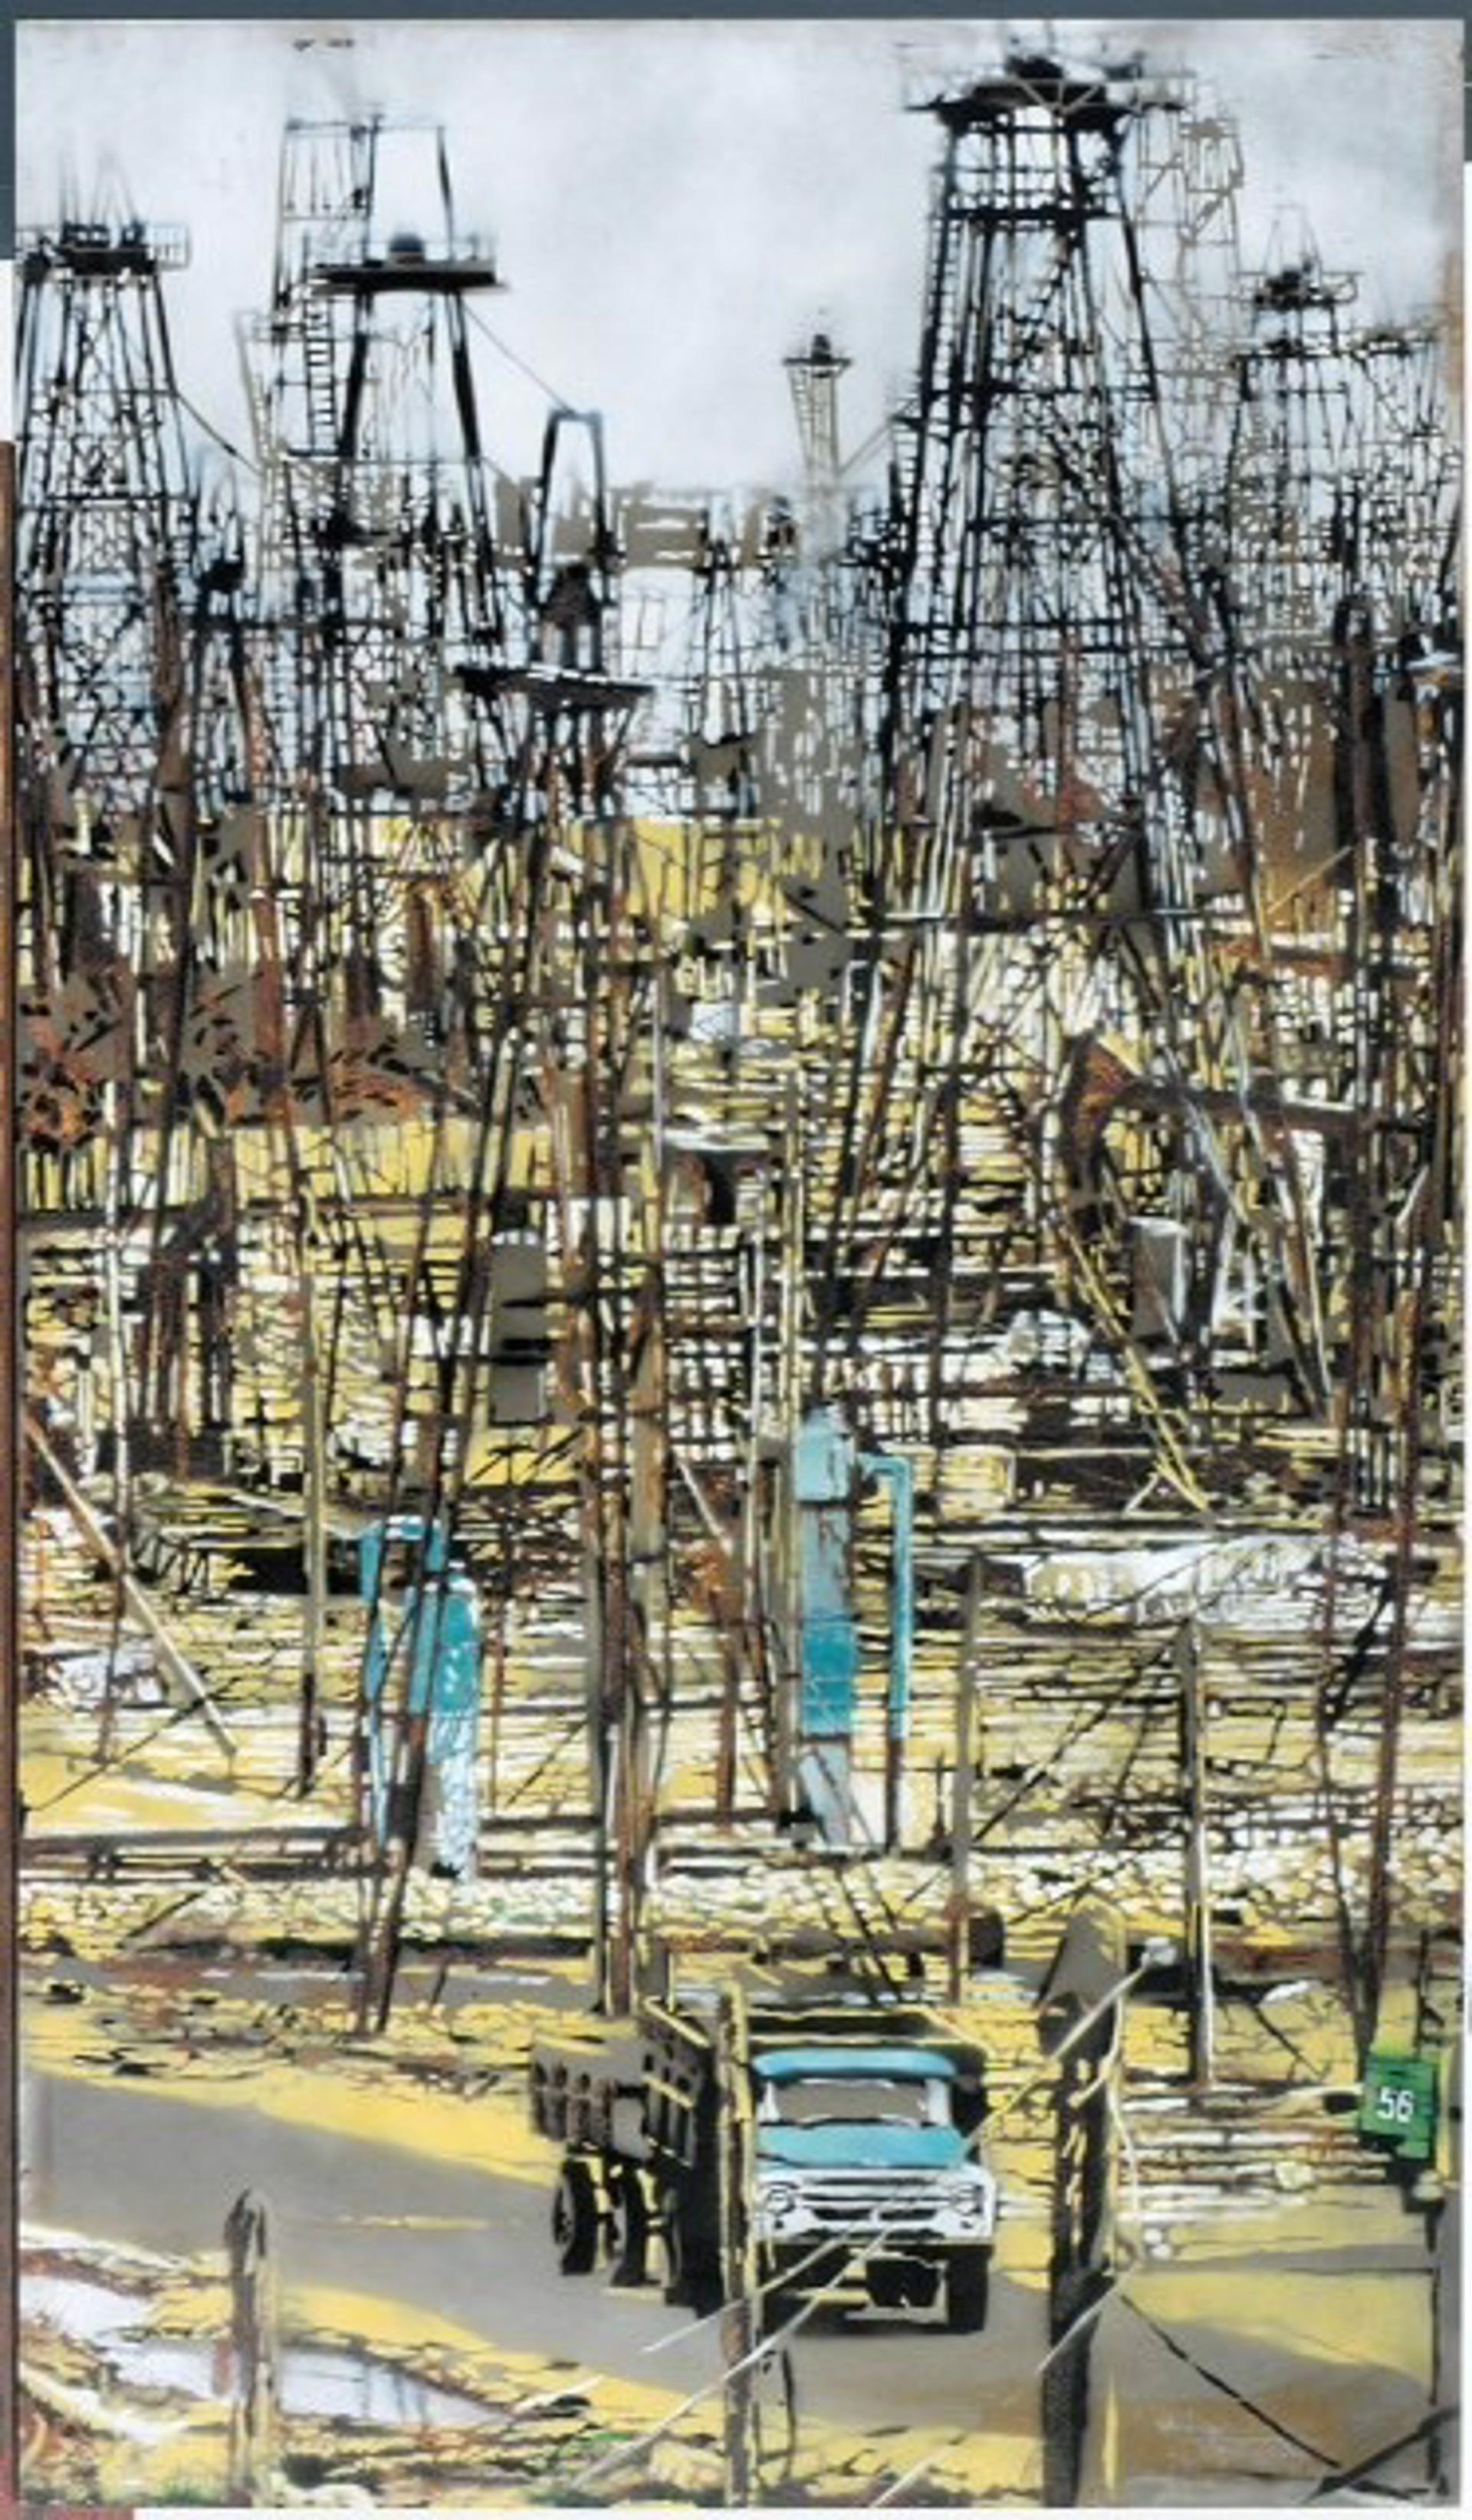 Aserbeidjan (Baku) - Drilling Rigs (3 pieces) by Wolfgang Uranitsch